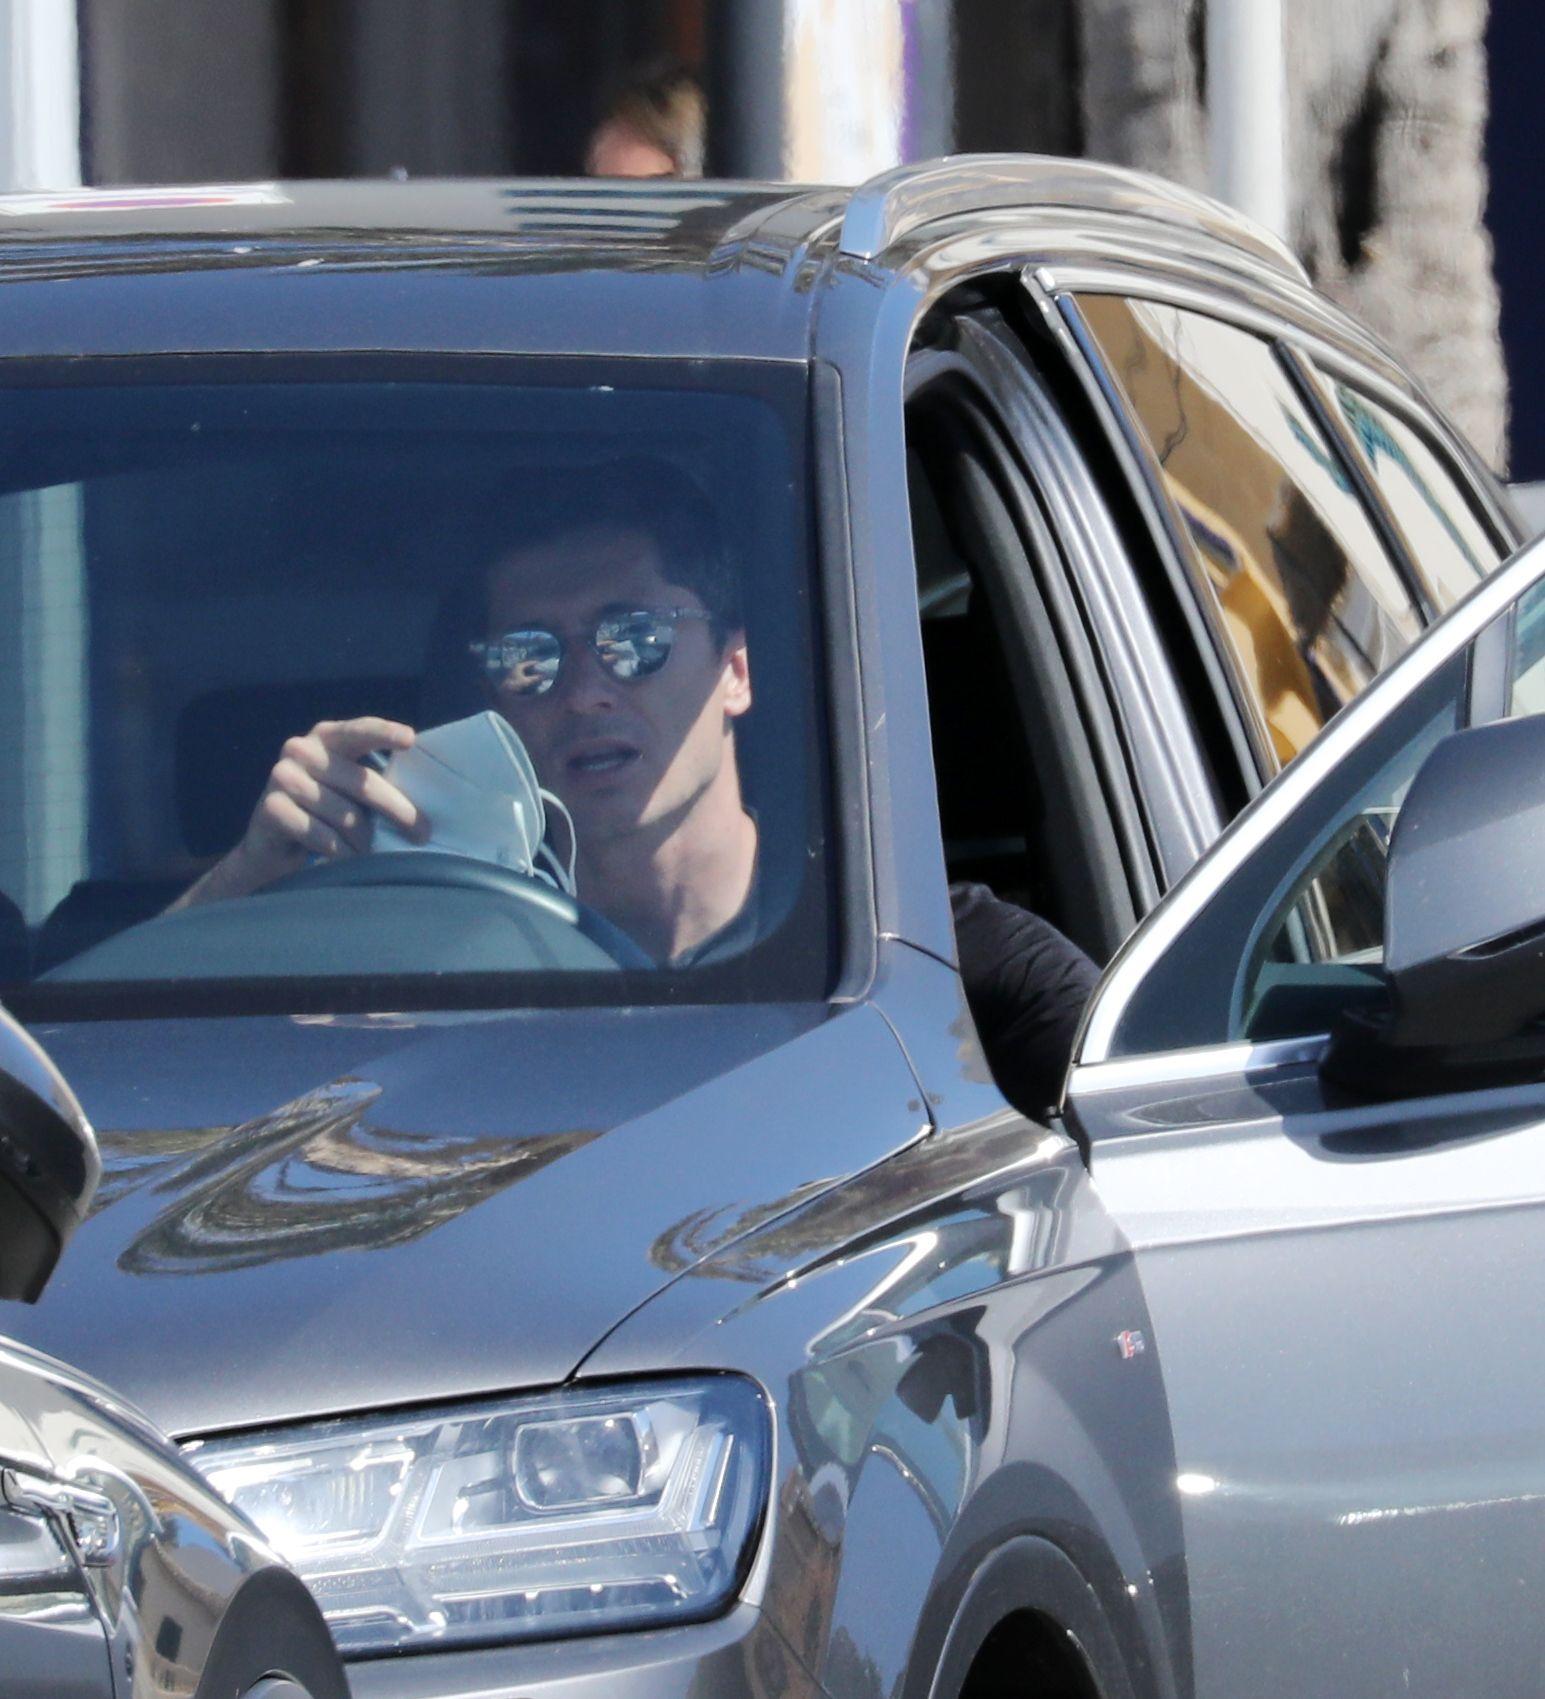 El futbolista Lewandowski, multado durante sus vacaciones en Mallorca